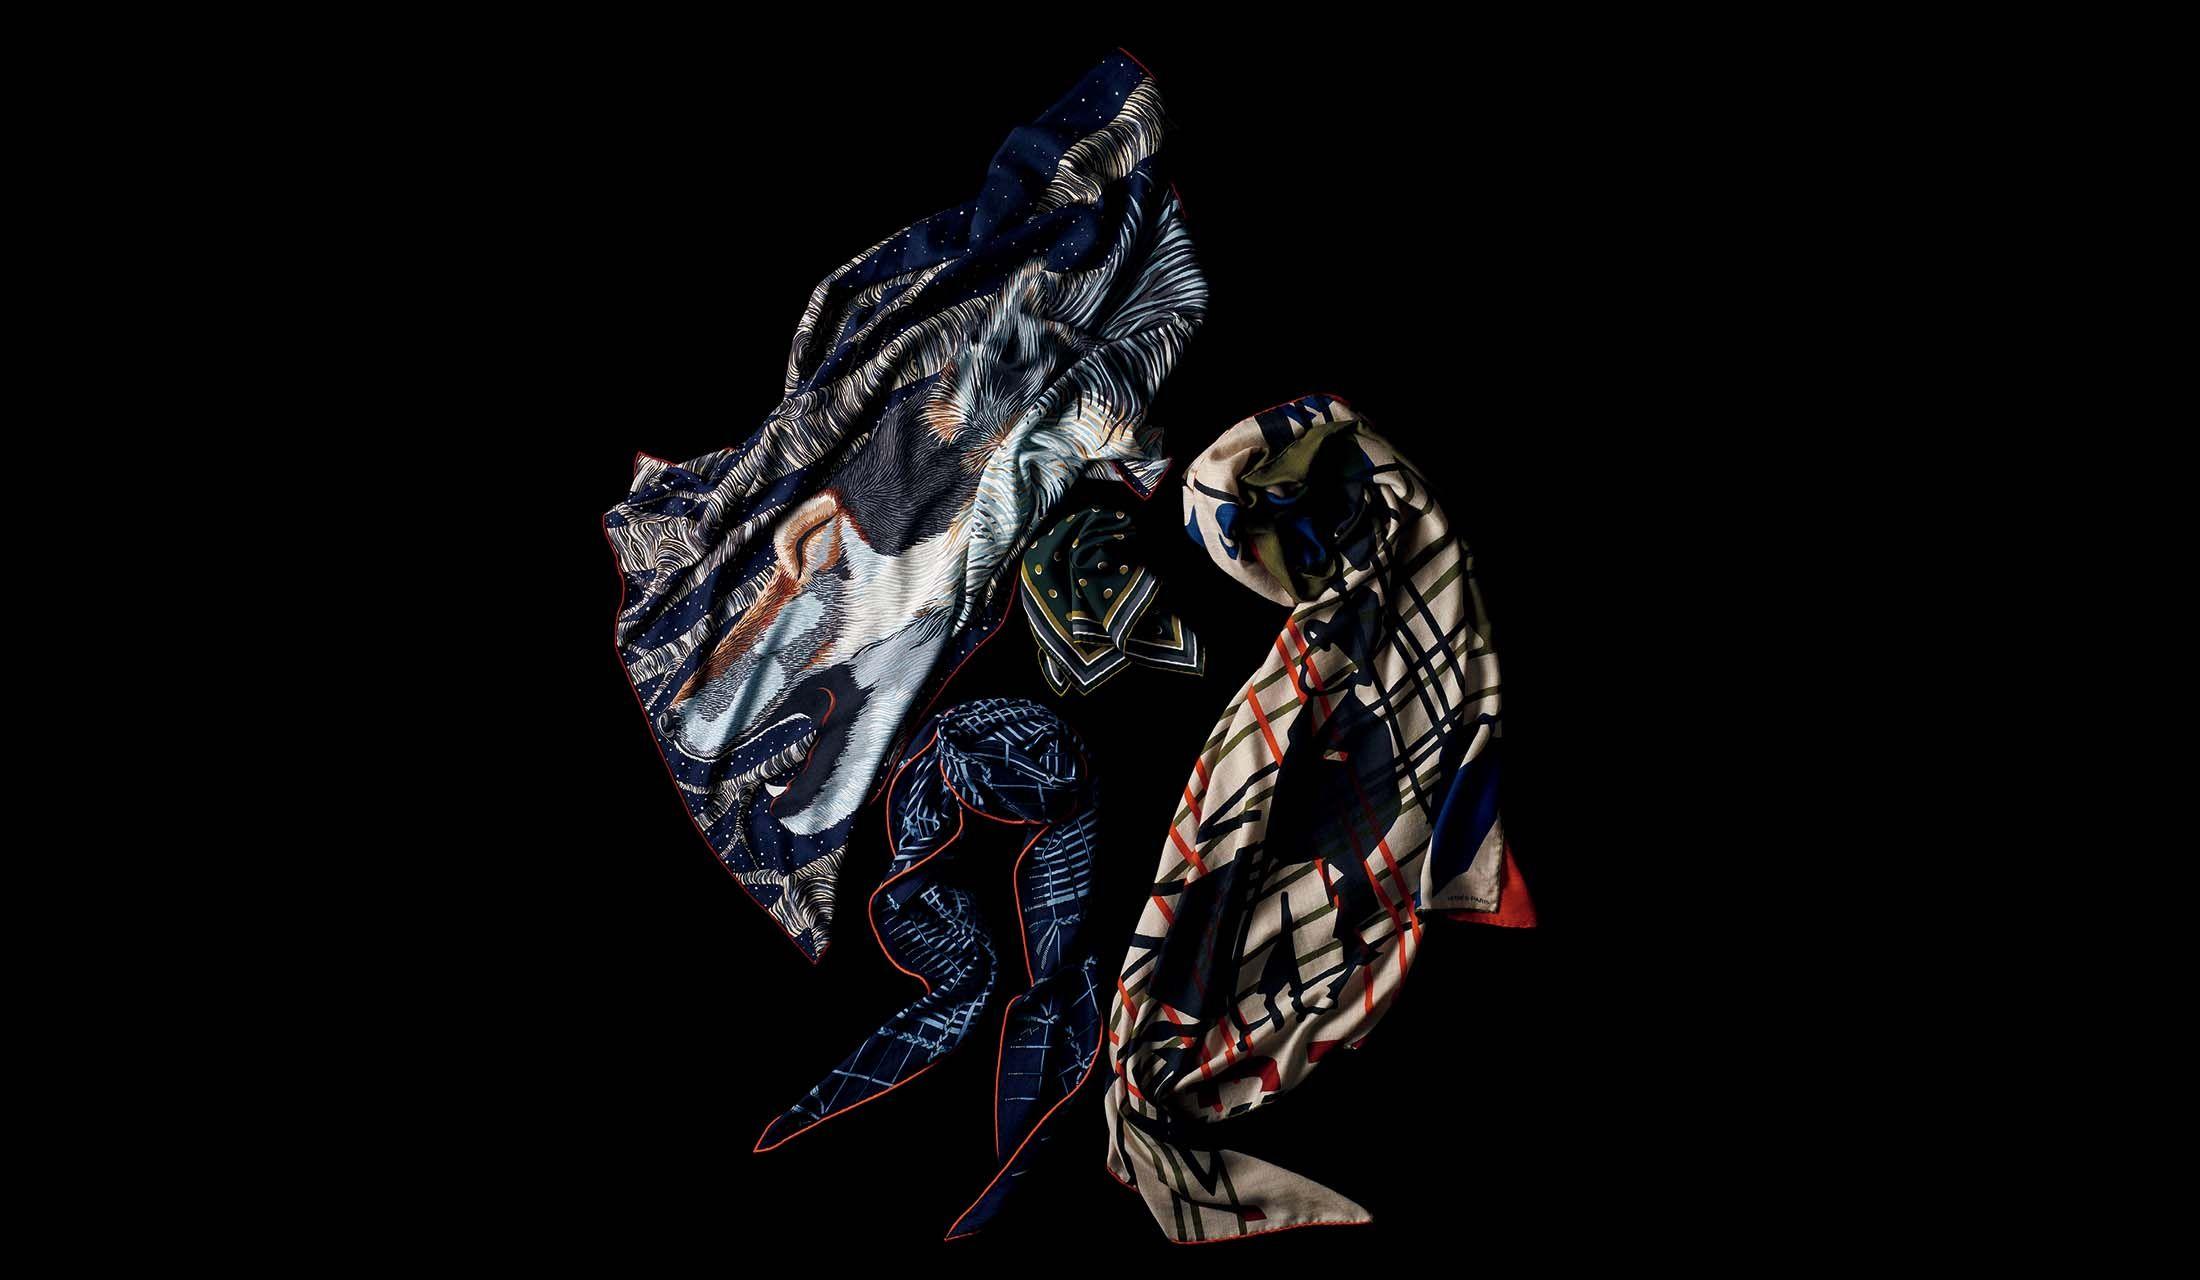 エルメスのスカーフ「カレH『アゥ~~』」、「ポケットチーフ『エクリプス』」、「カレH アンプリムール・フー『リキッド・パズル』」、「ロザンジュ『アンプラグド』」